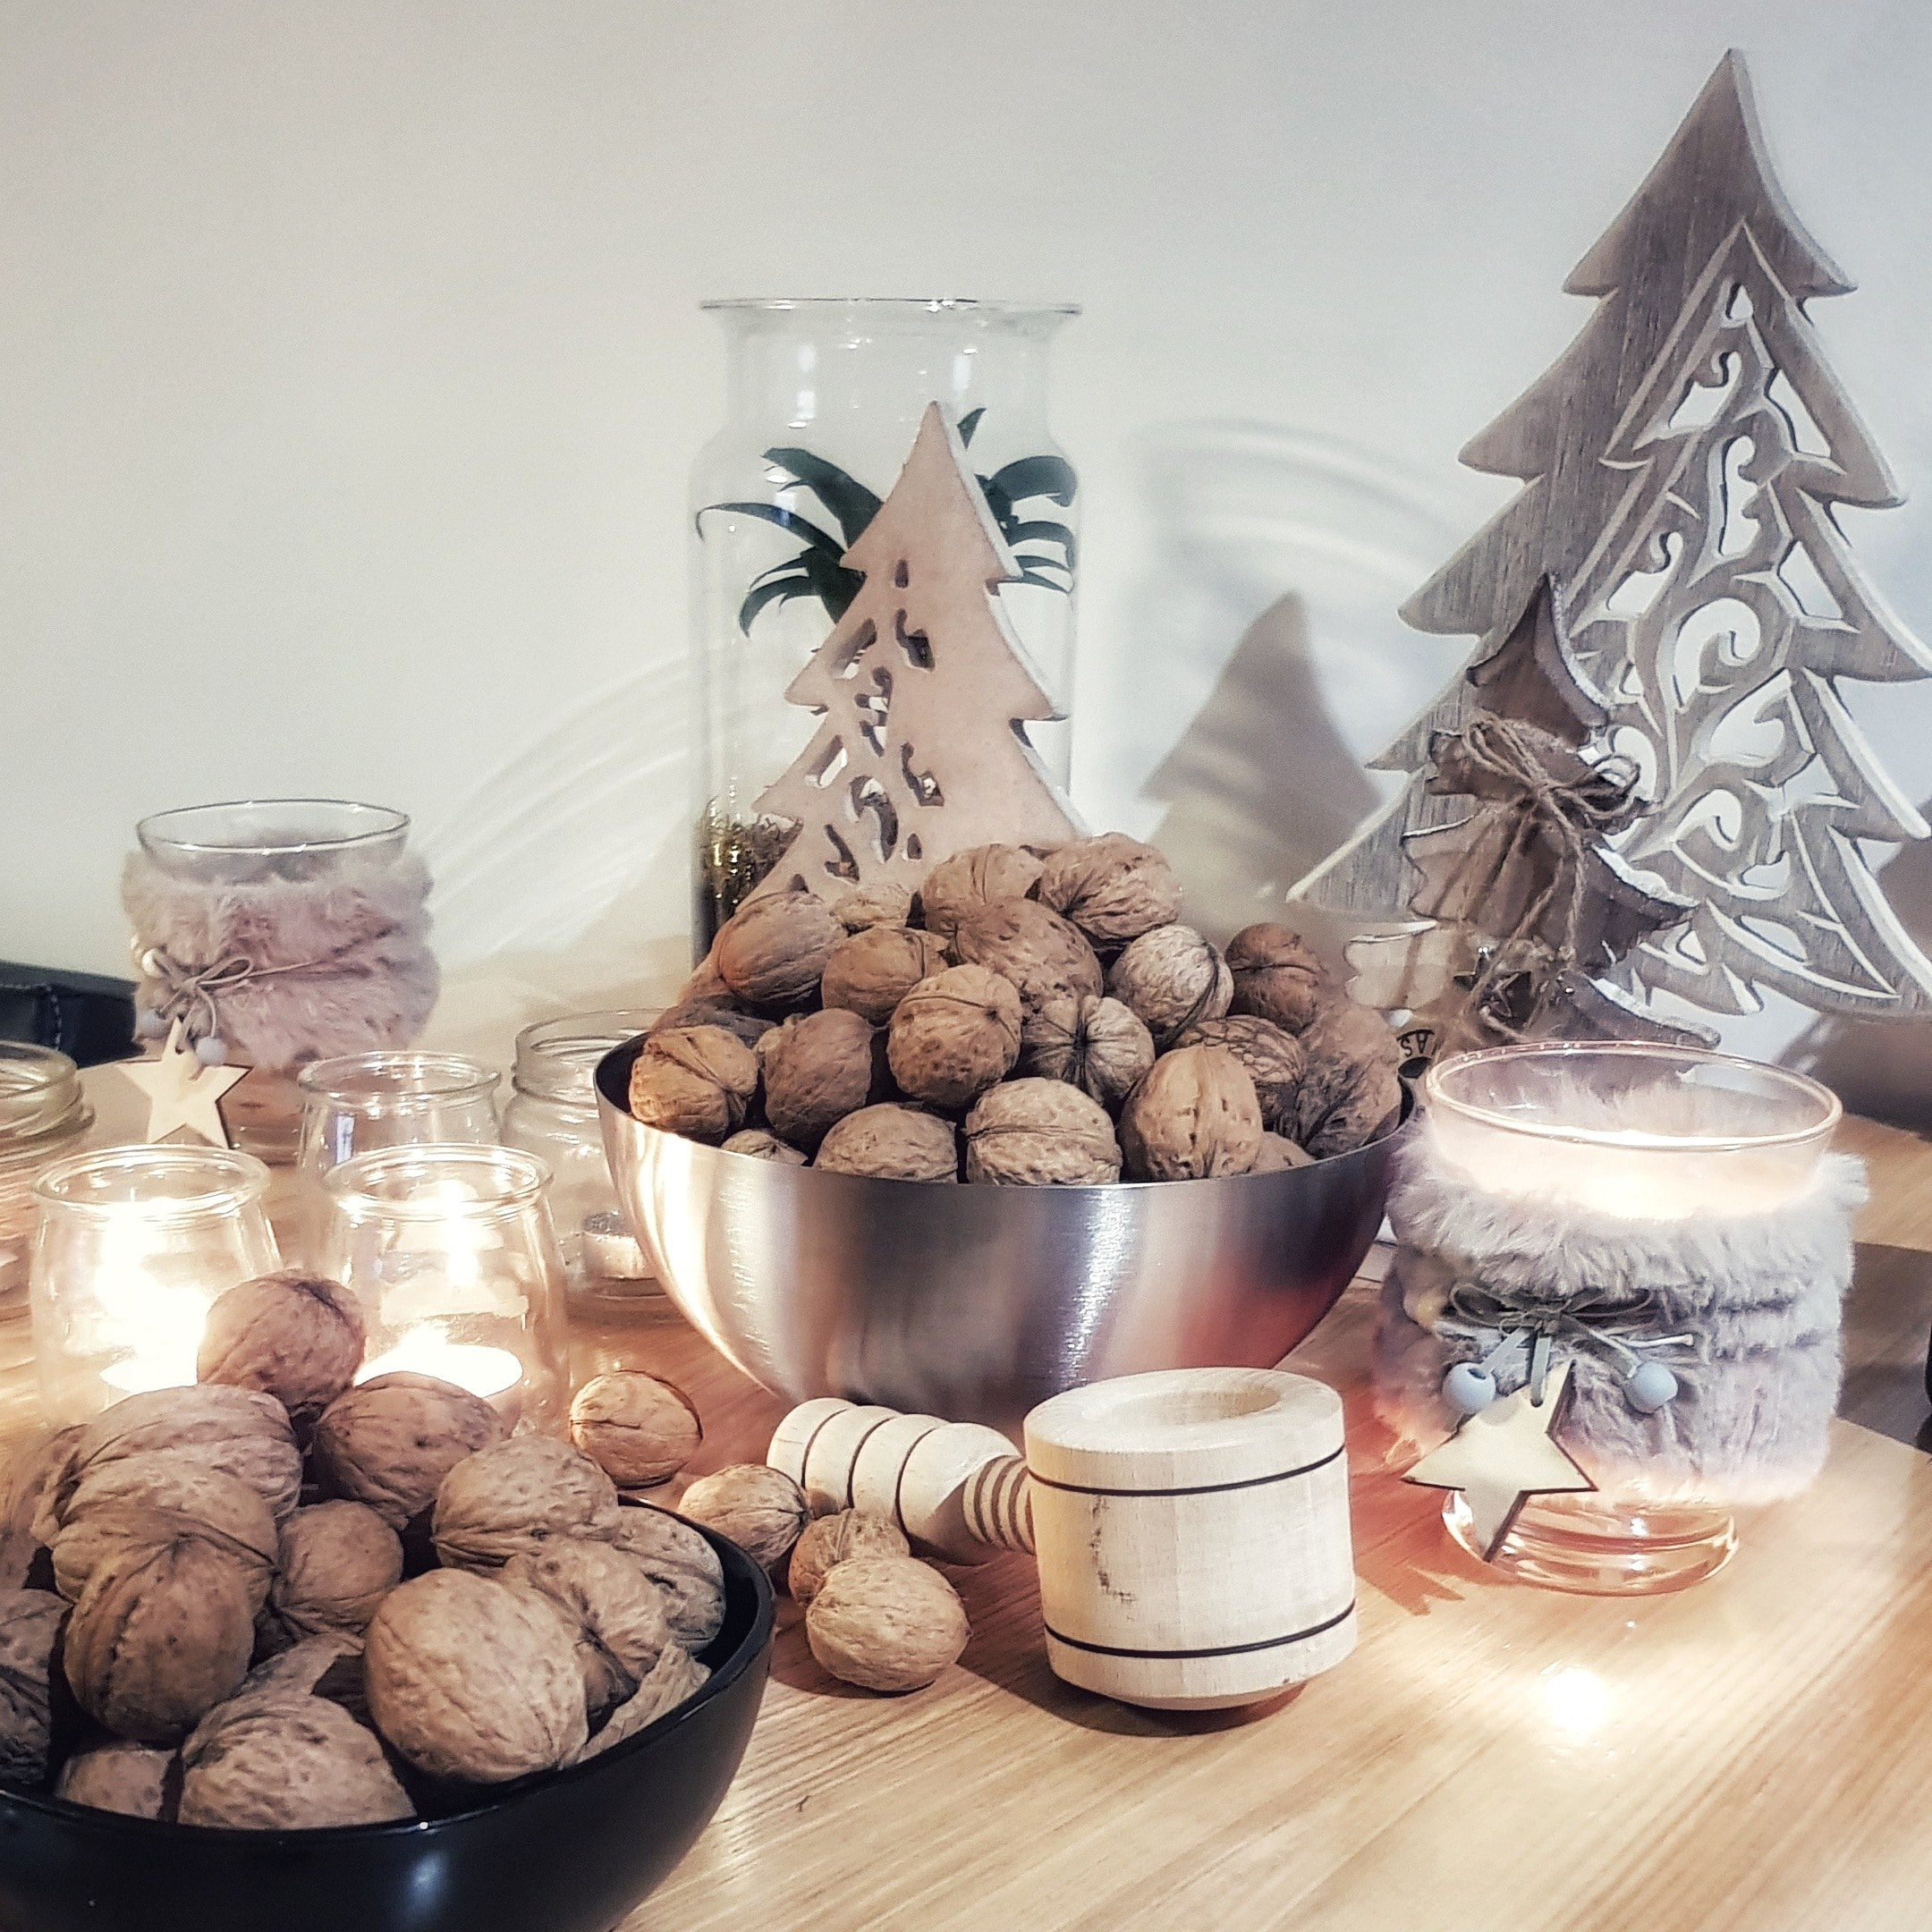 świąteczne stylizacje inspiracje na stylizacje na blogu o modzie Poznań jak się ubrać na Święta